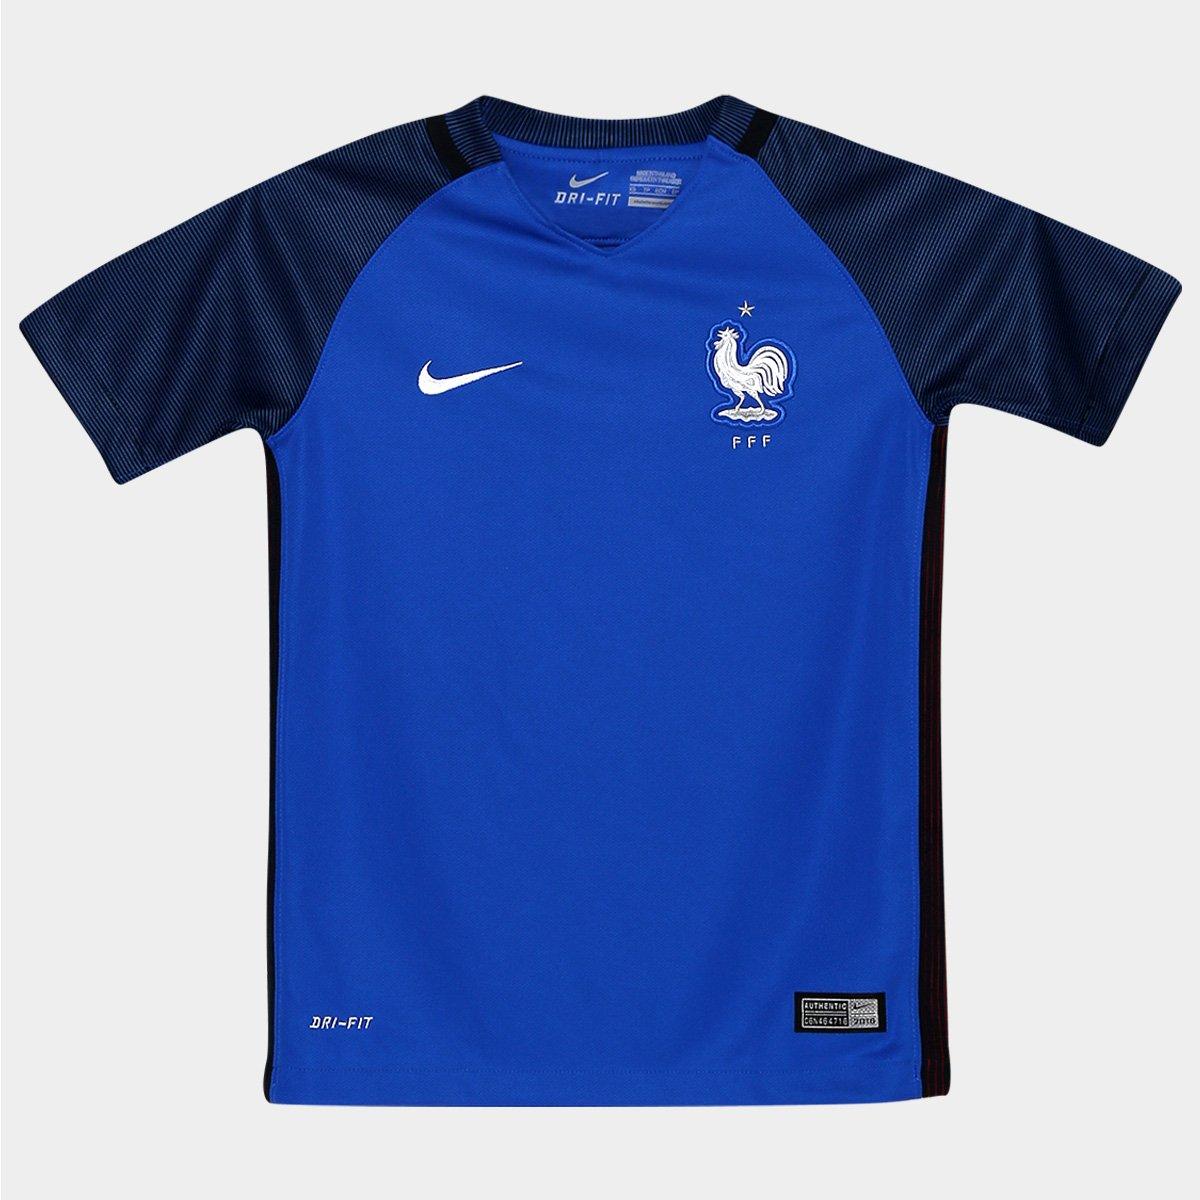 5929334ecd5c3 Camisa Seleção França Infantil Home 2016 s nº Torcedor Nike - Compre Agora